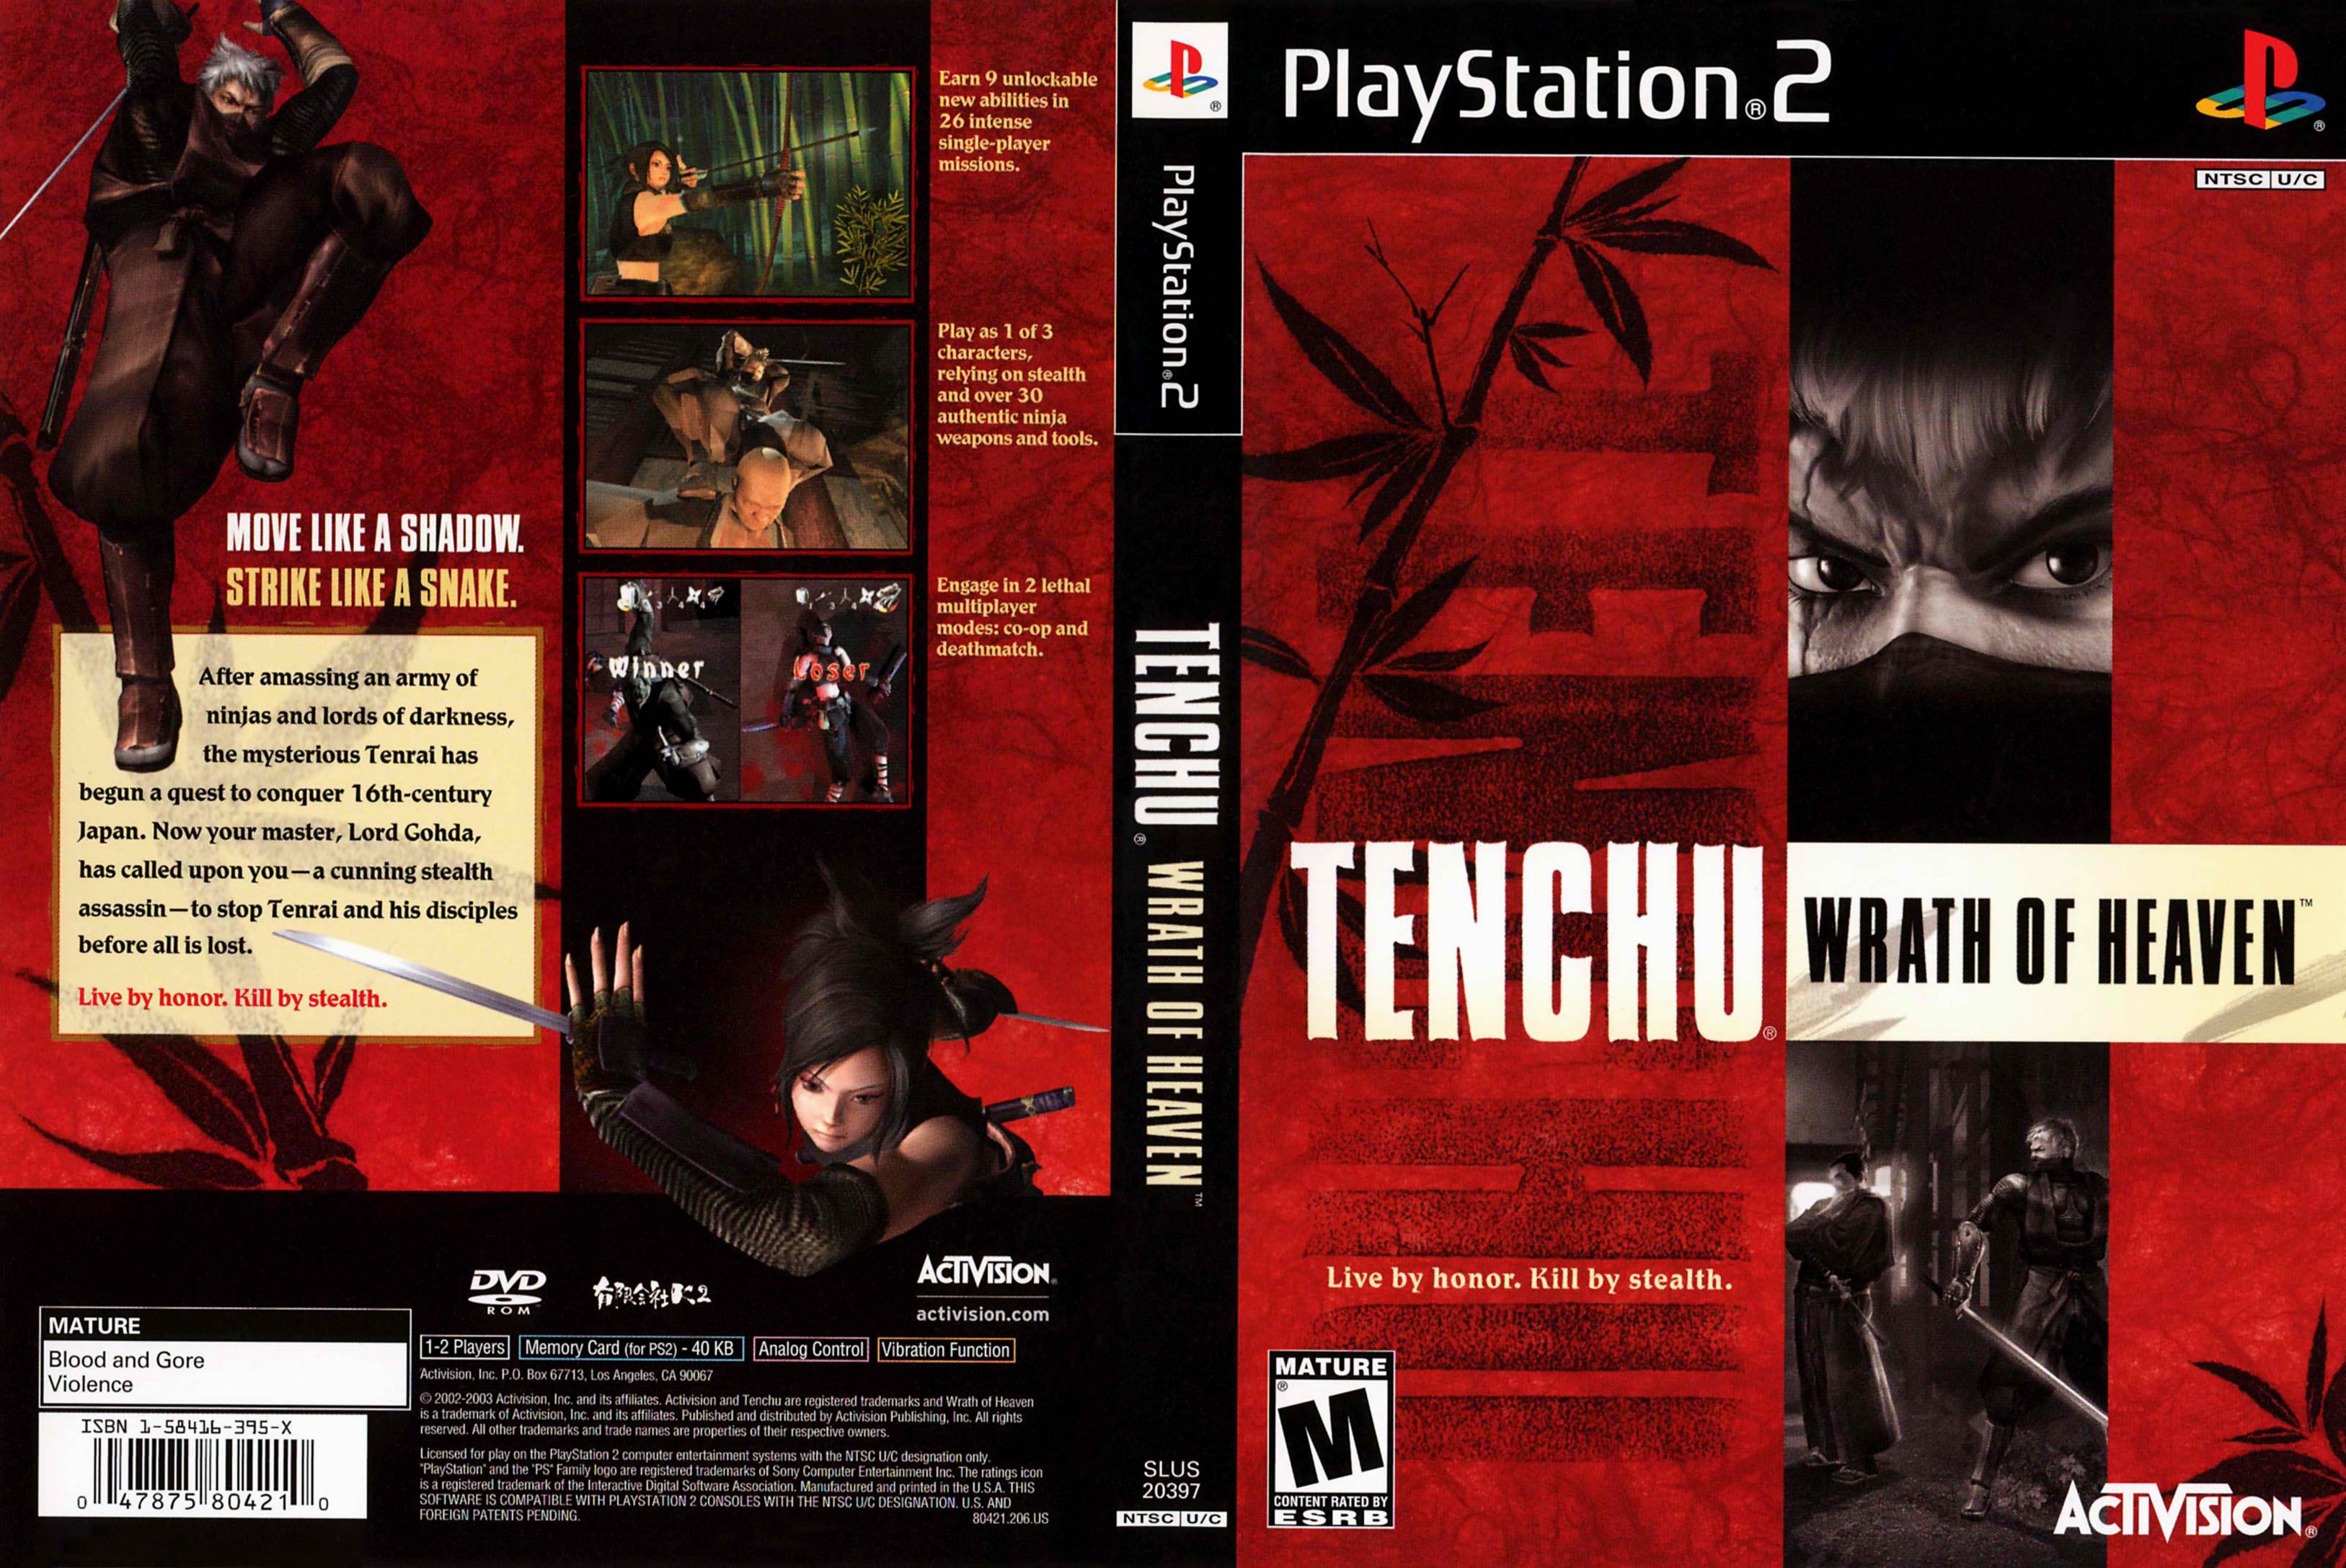 tenchu 3 box art featured image